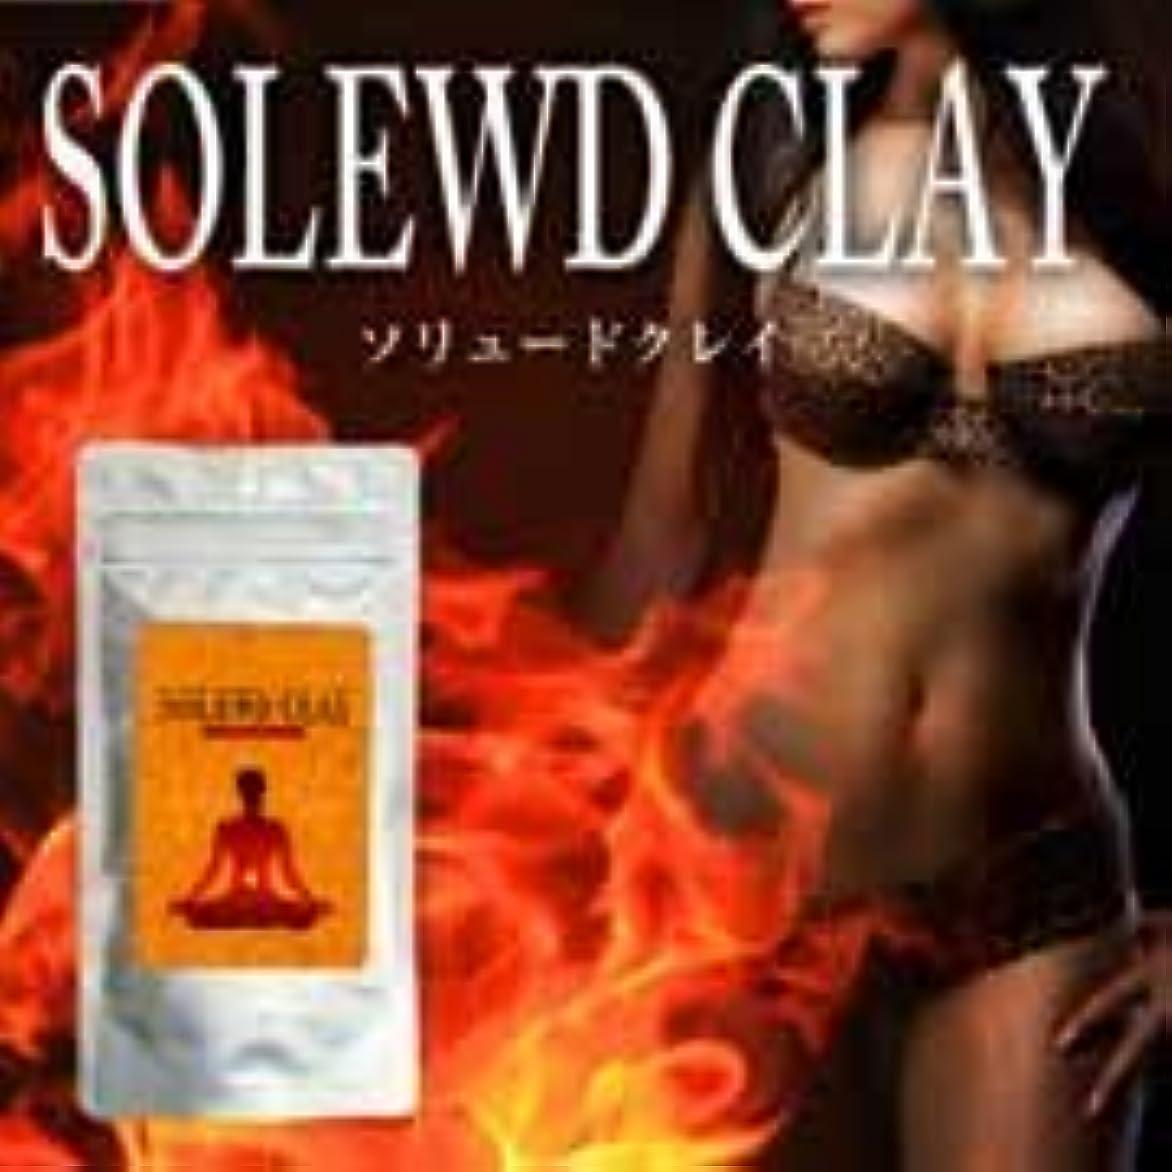 活性化する文明化変位【SOLEWD CLAY ソリュードクレイ】